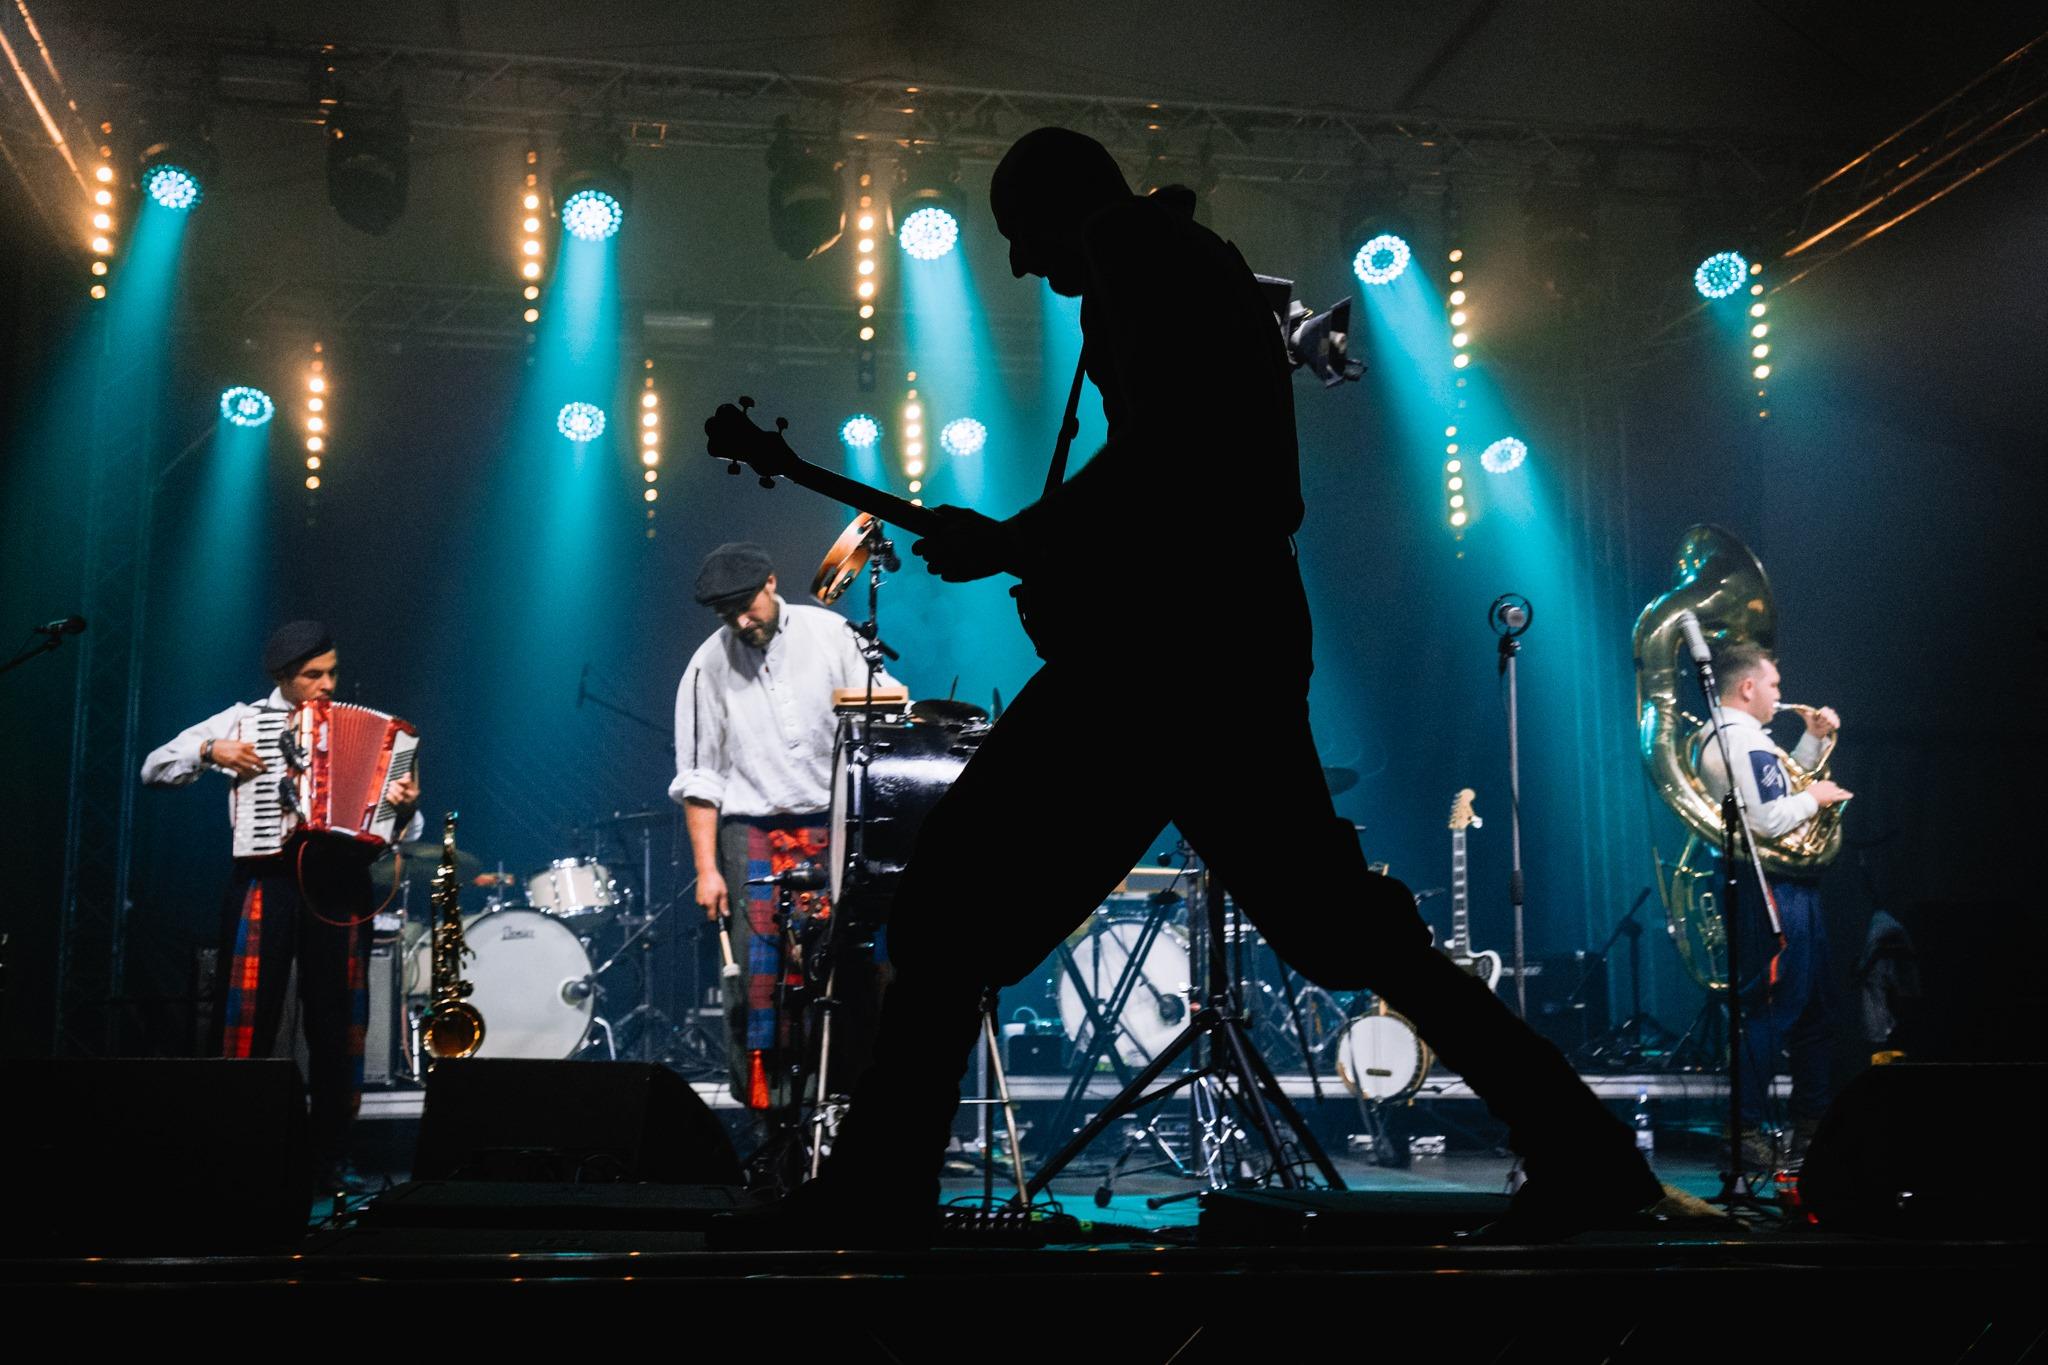 [Zdjęcie z koncertu zespołu Hańba przedstawia ciemną sylwetkę mężczyzny grającego na gitarze. W tle trzech mężczyzn w beretach, białych koszulach i kolorowych spodniach grających na instrumentach muzycznych.]